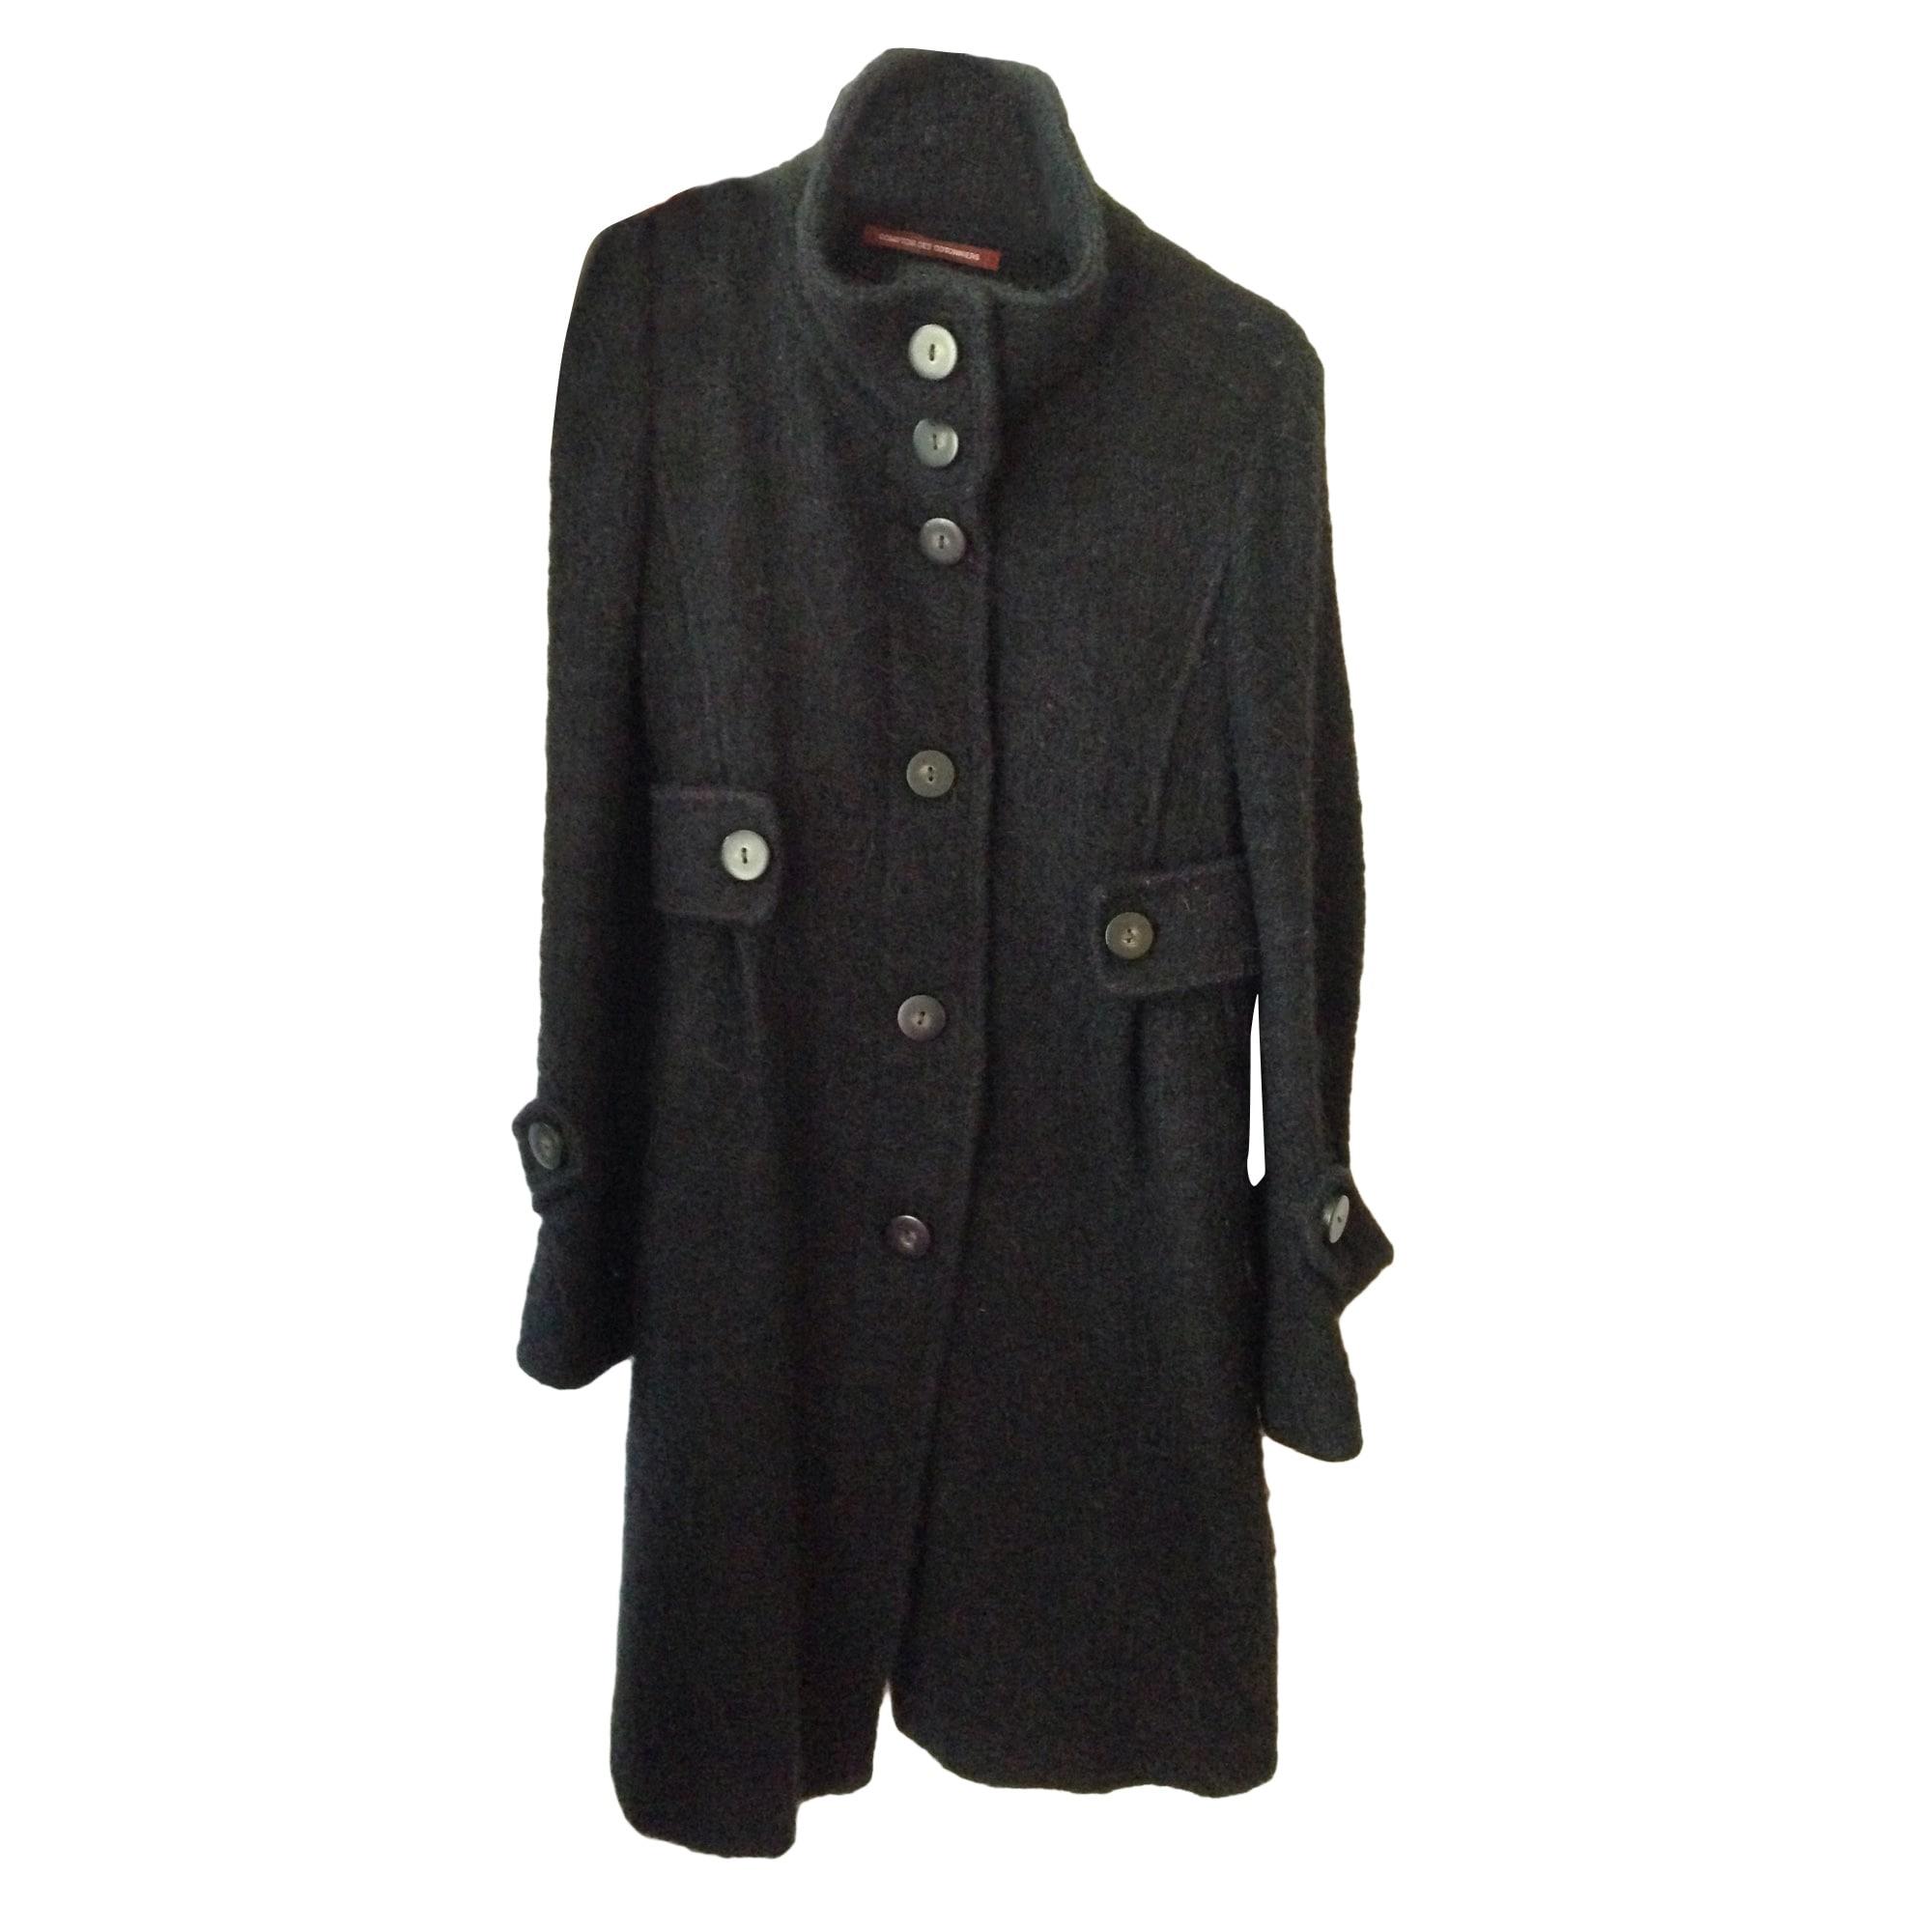 Manteau COMPTOIR DES COTONNIERS 36 (S, T1) noir vendu par